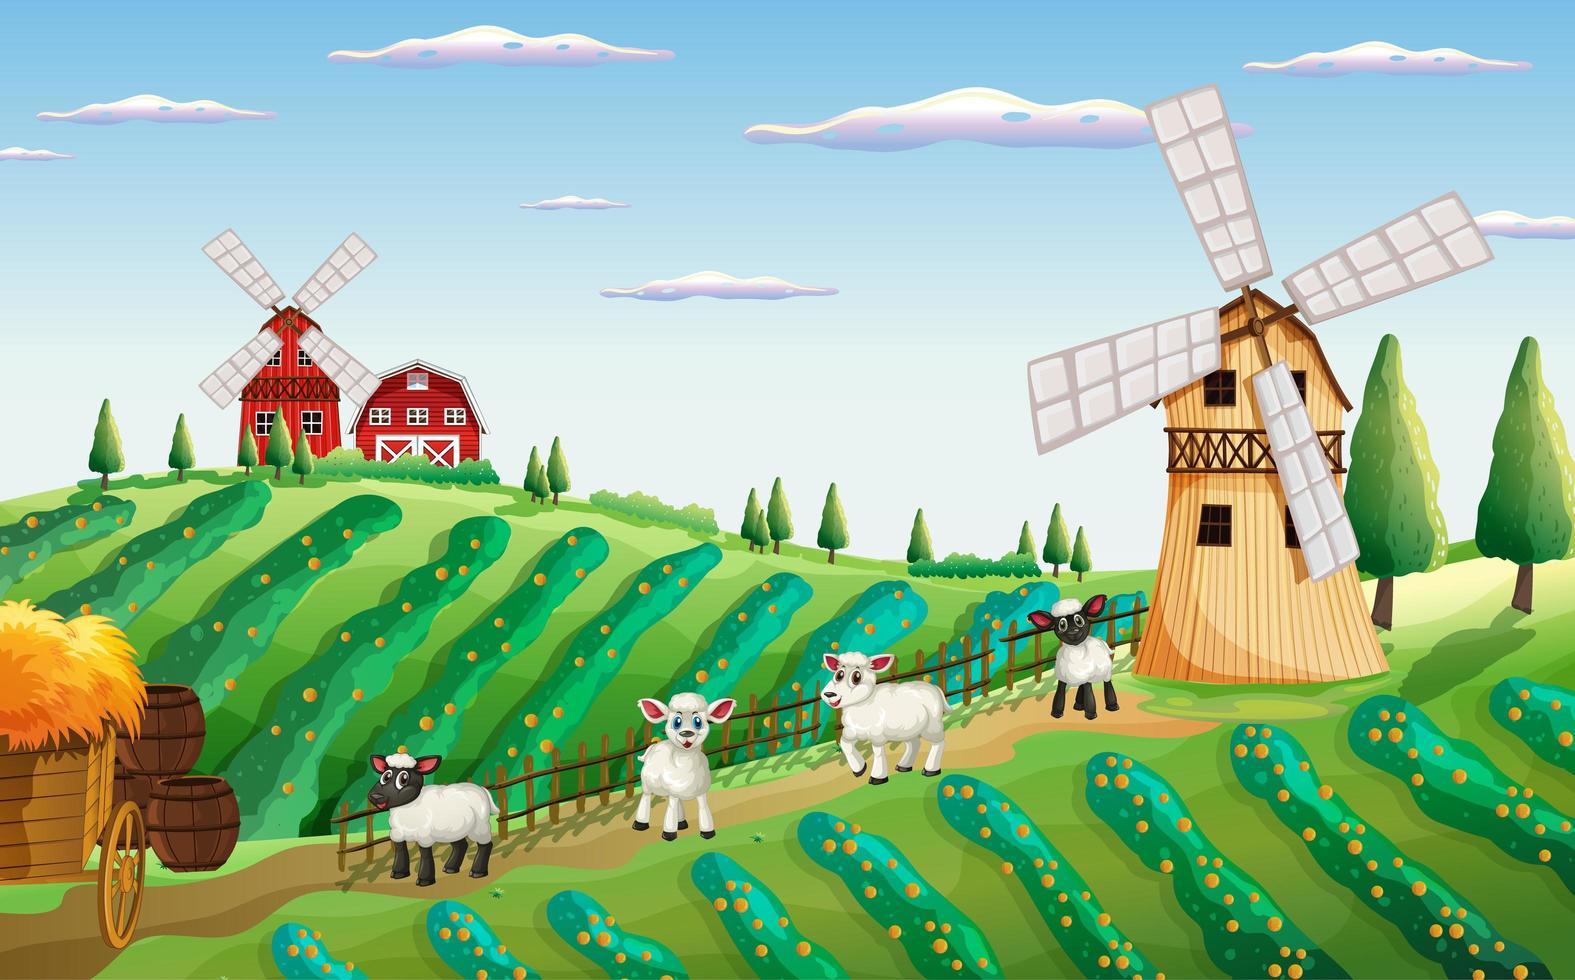 scène de ferme dans la nature avec moulin à vent et moutons vecteur